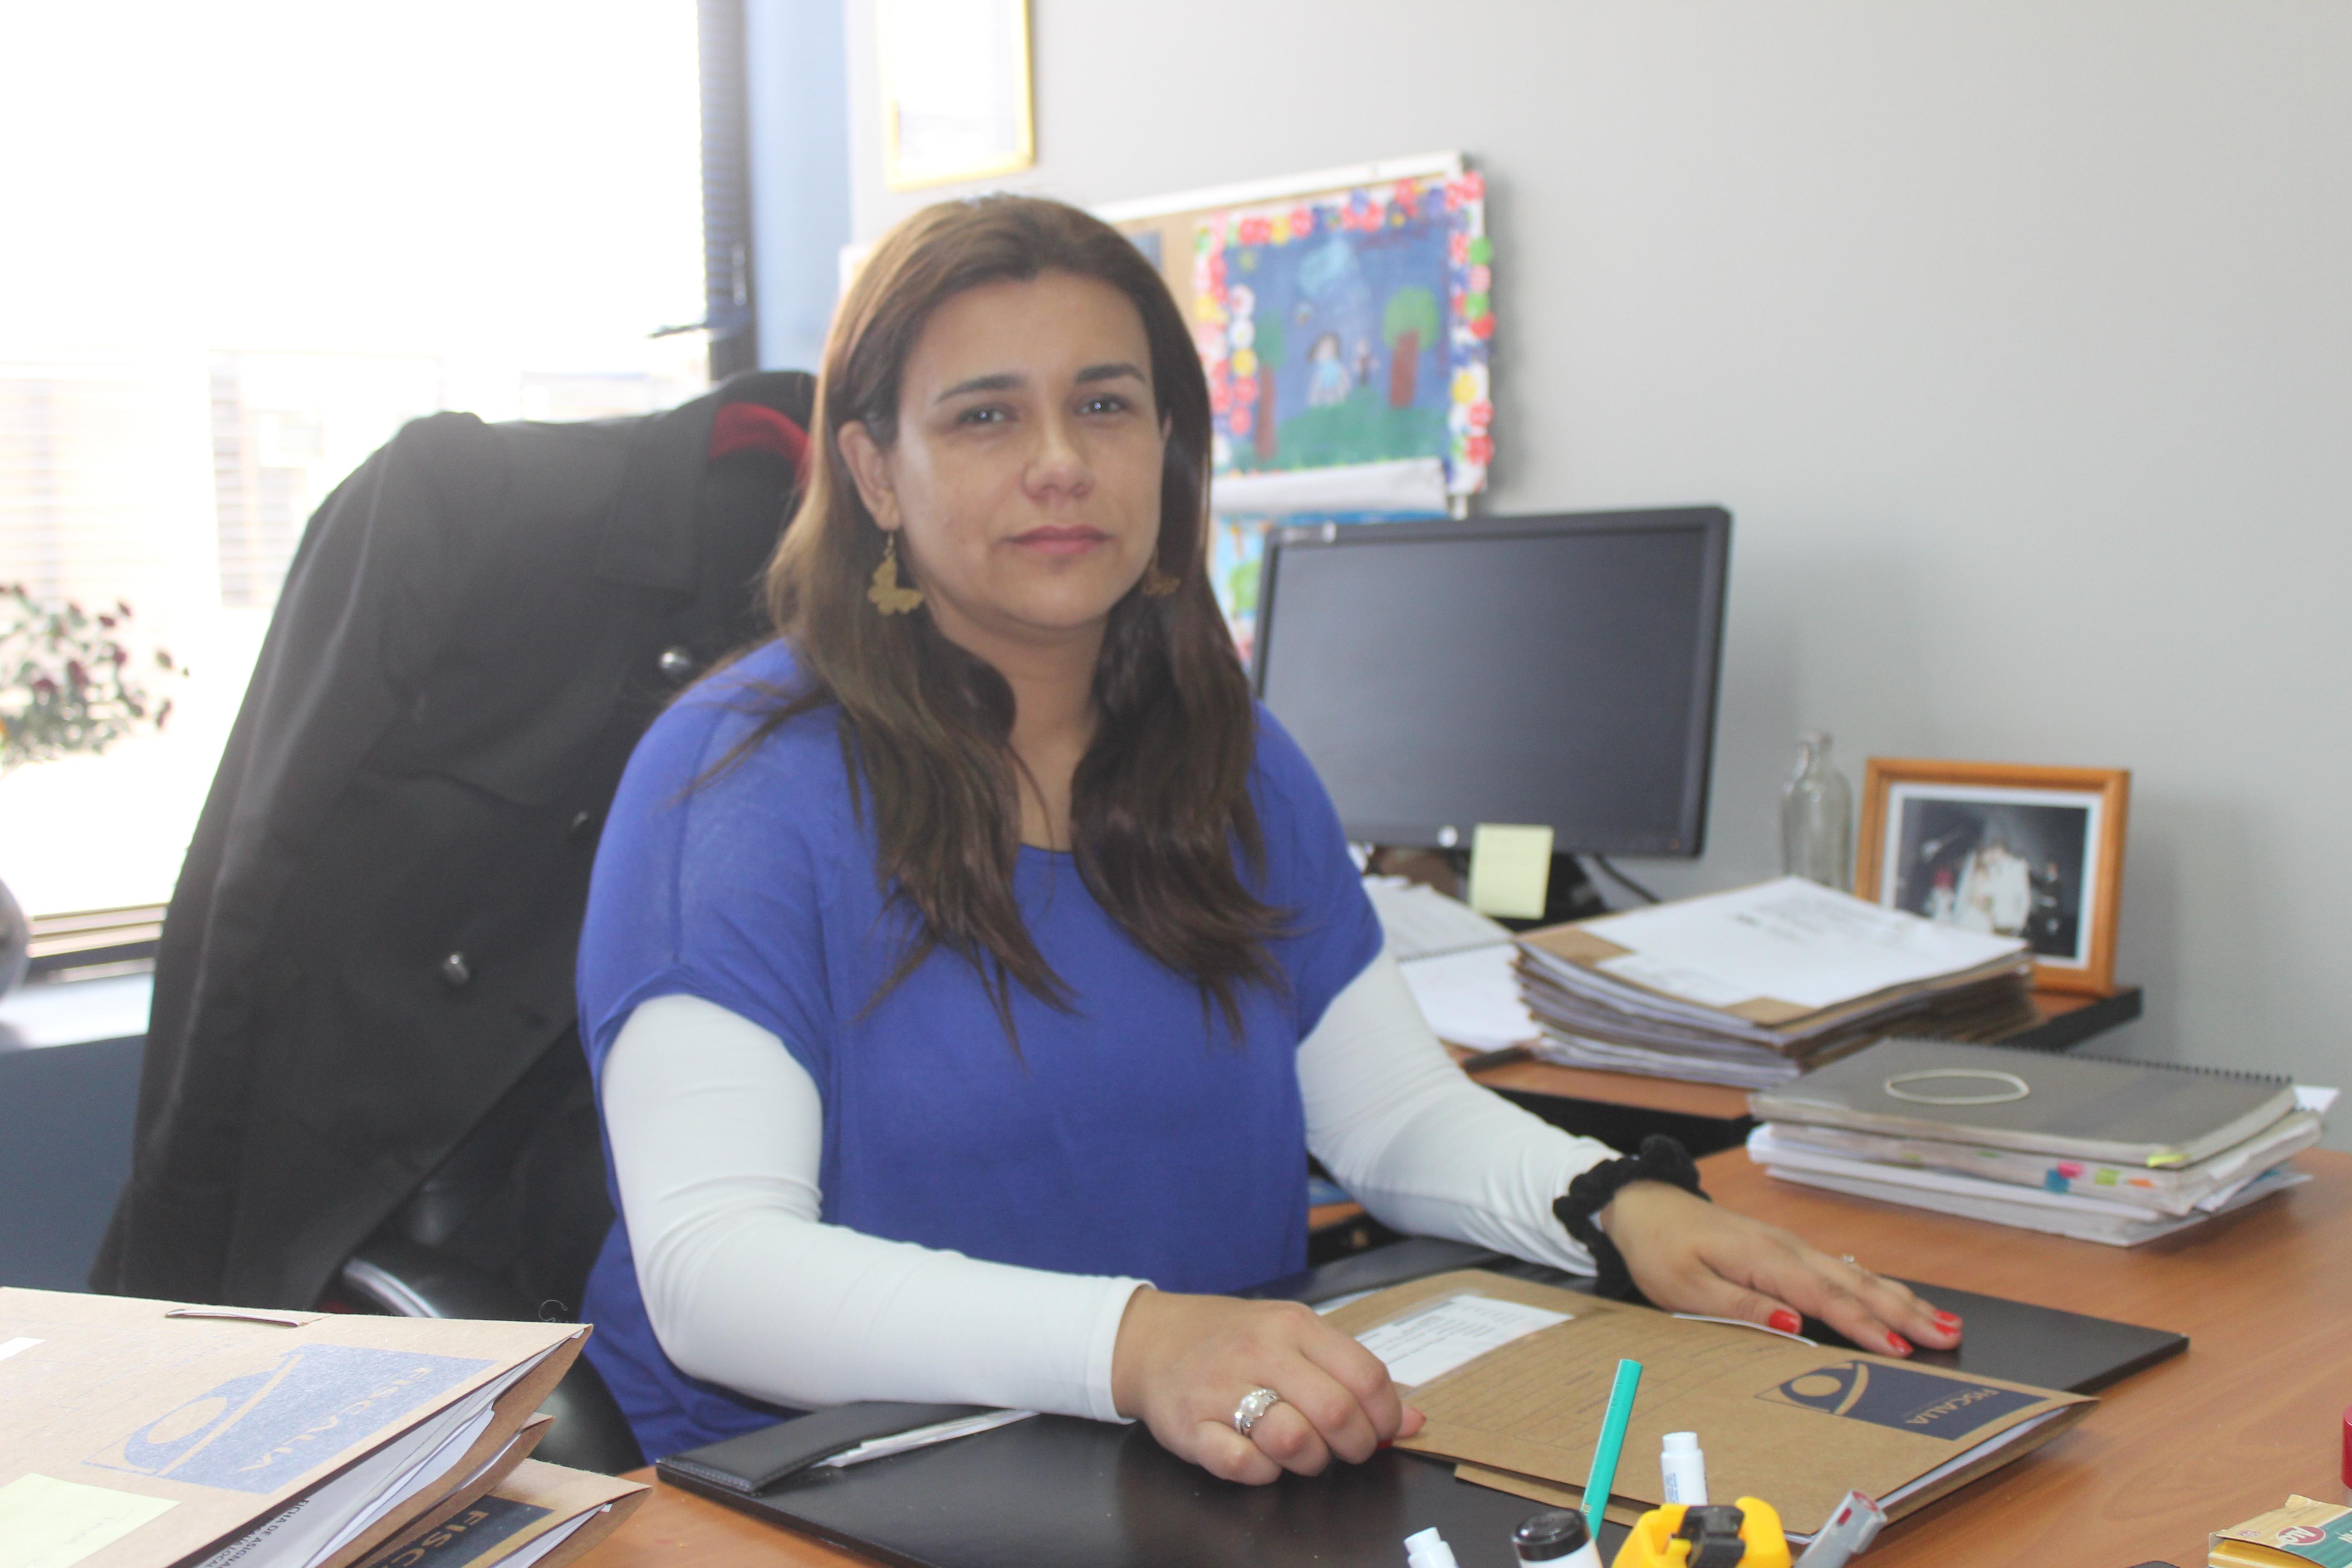 La fiscal de la causa, Teresa Gaete, señaló que seguirán investigando y formalizarán, si corresponde.